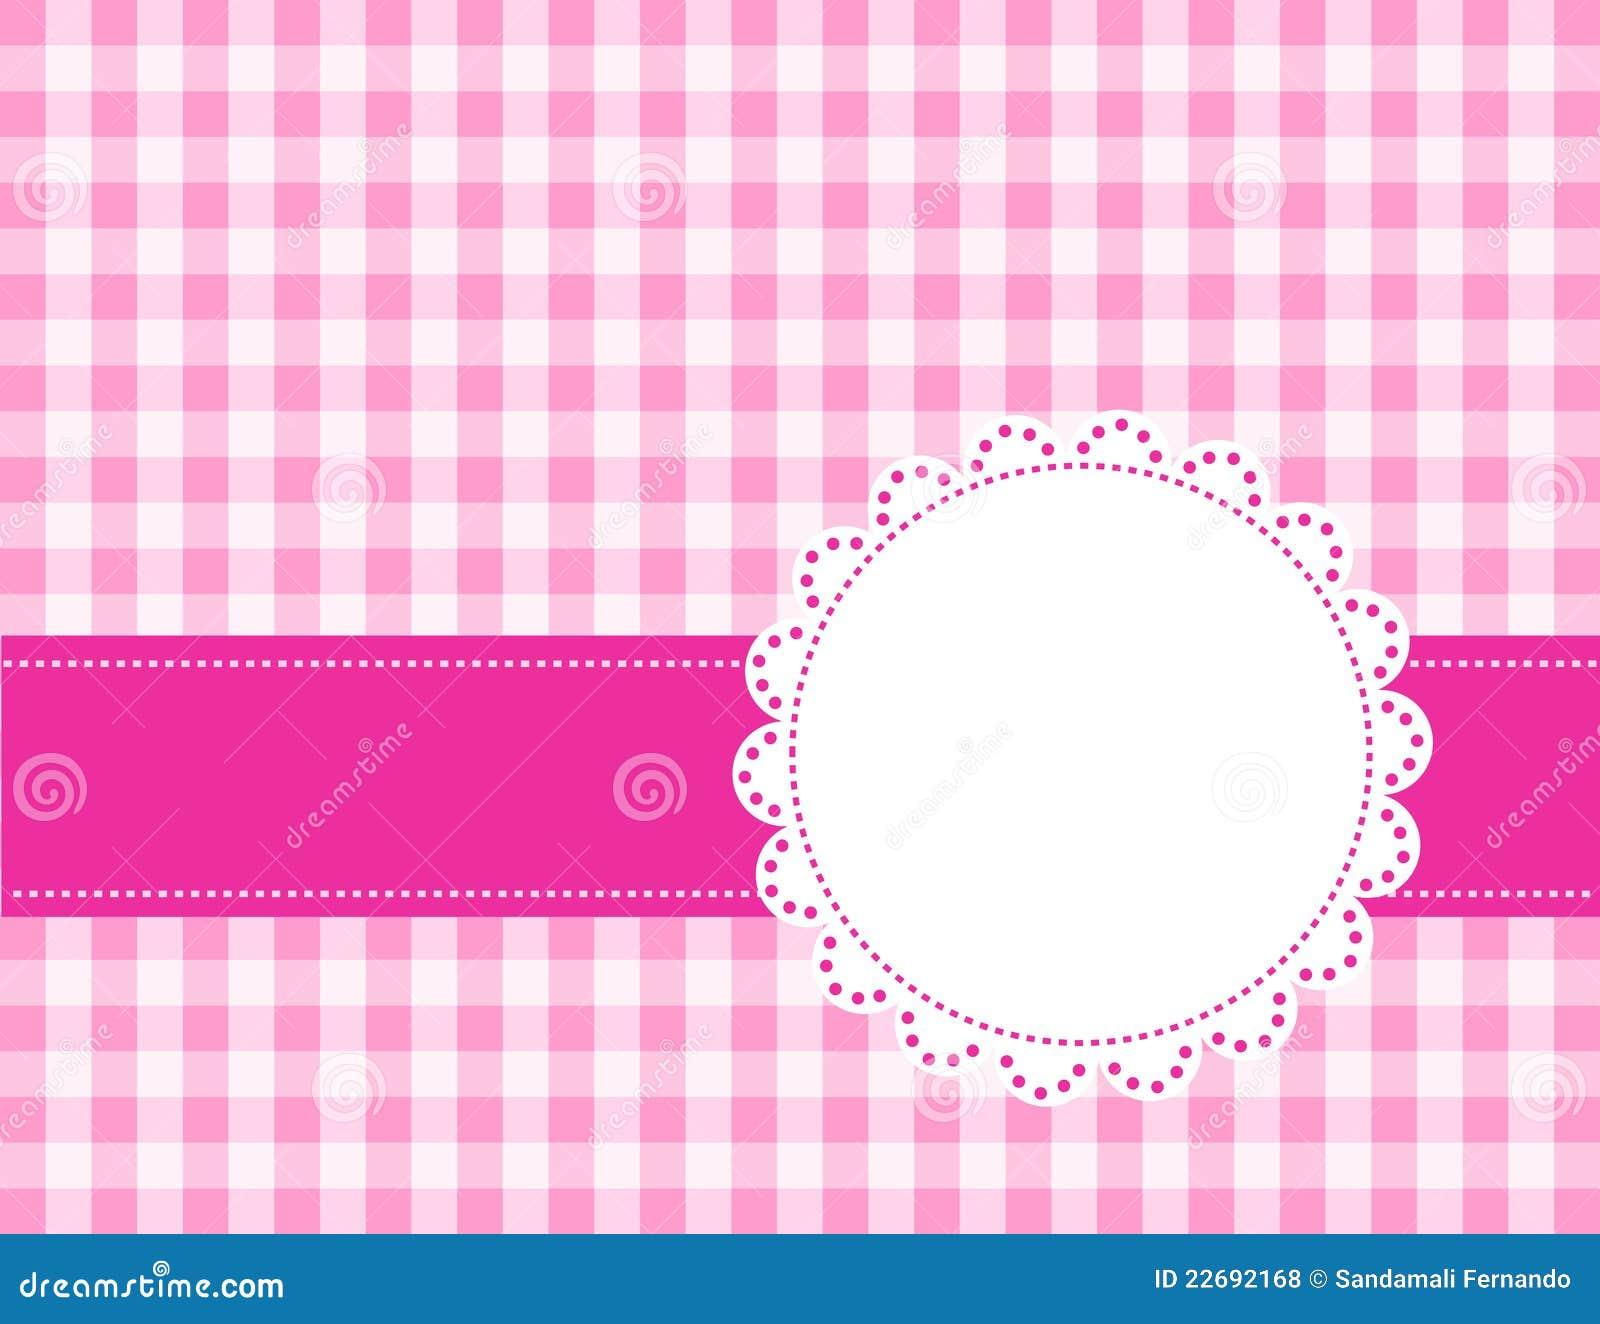 Fondo rosado de la guinga/de los cuadrados con el marco. especialmente ...